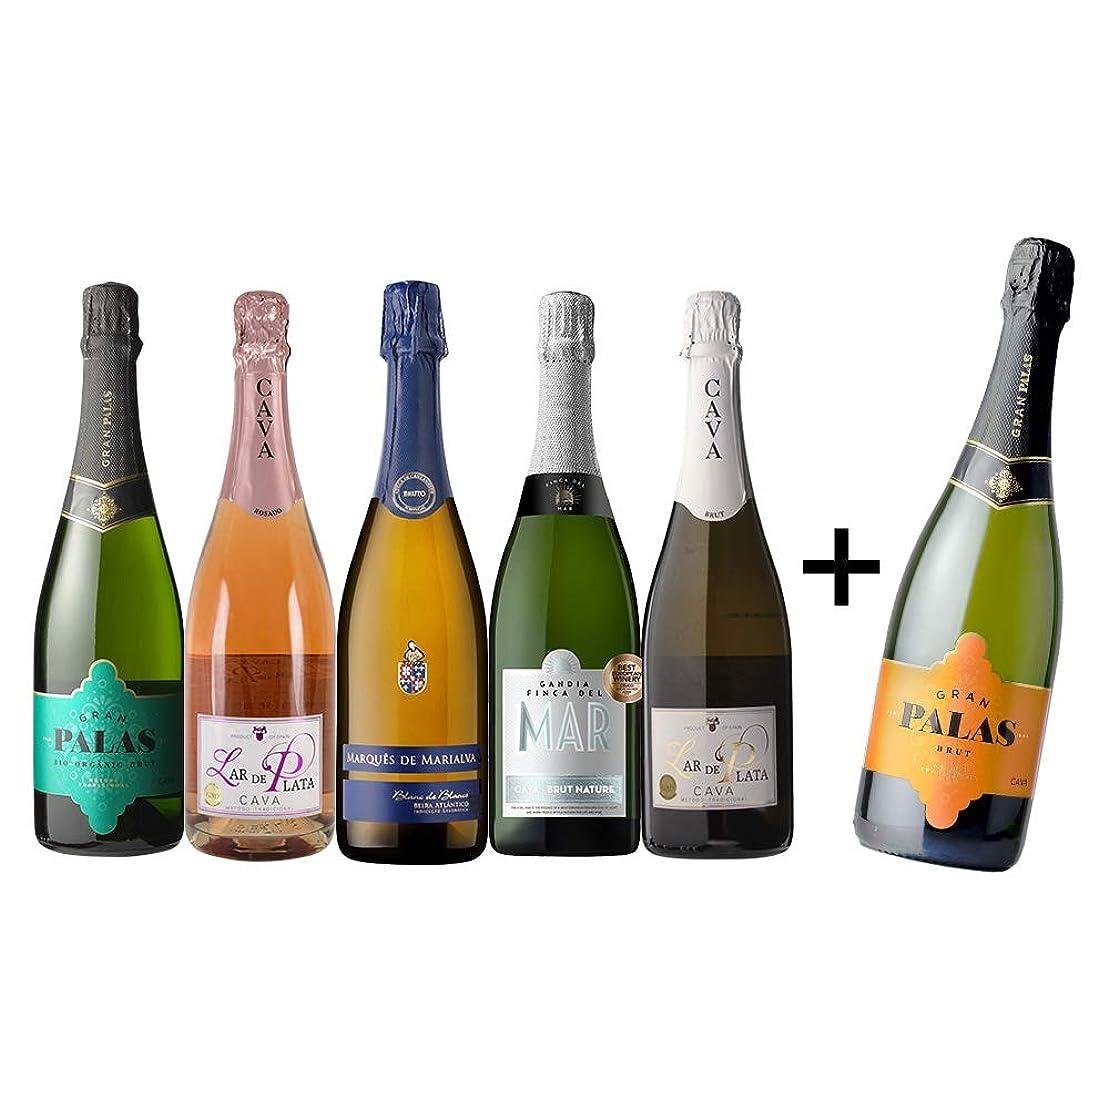 アルファベット順利用可能民主主義すべてシャンパン製法 超コスパ 極上辛口スパークリング5本セット (Amazon出荷)